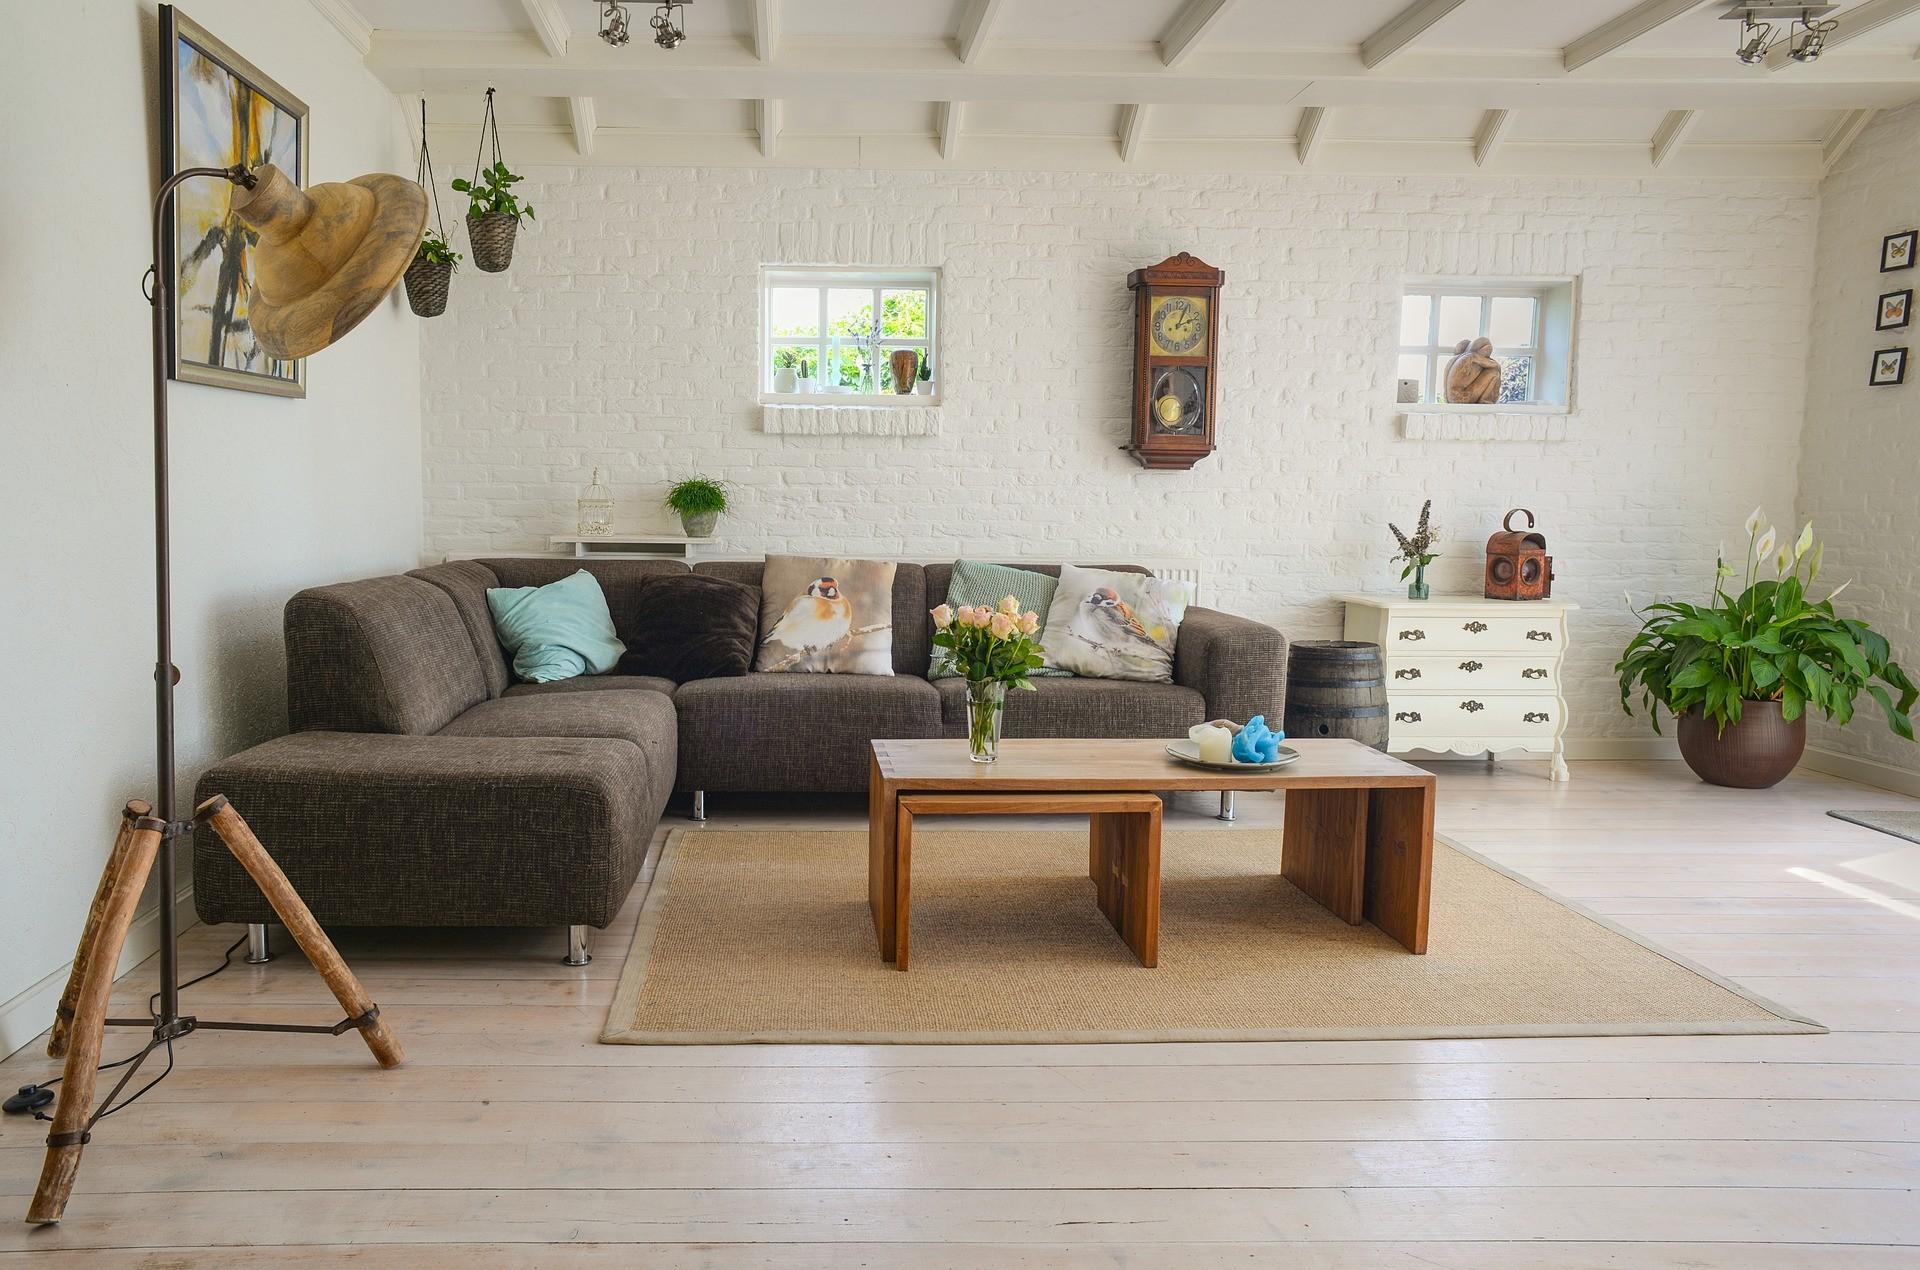 Comment Tapisser Une Piece Pour L Agrandir comment décorer sa maison à petit prix ? | conseils erasmus